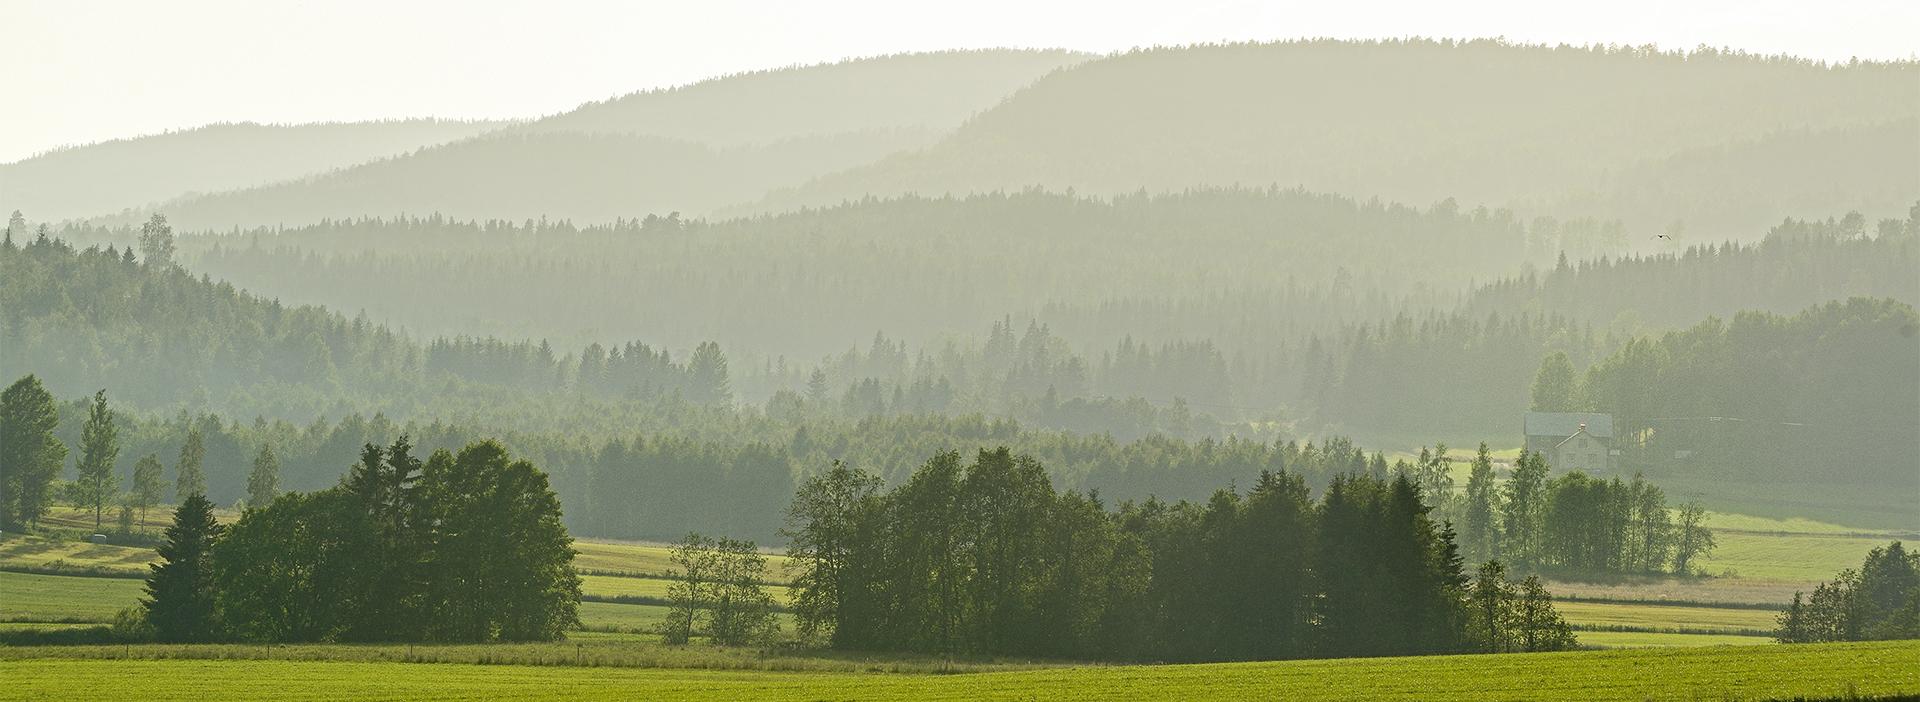 Brattåsstiftelsens inriktning, Brattåsstiftelsen, skogsvetenskaplig forskning, skogsförvaltning